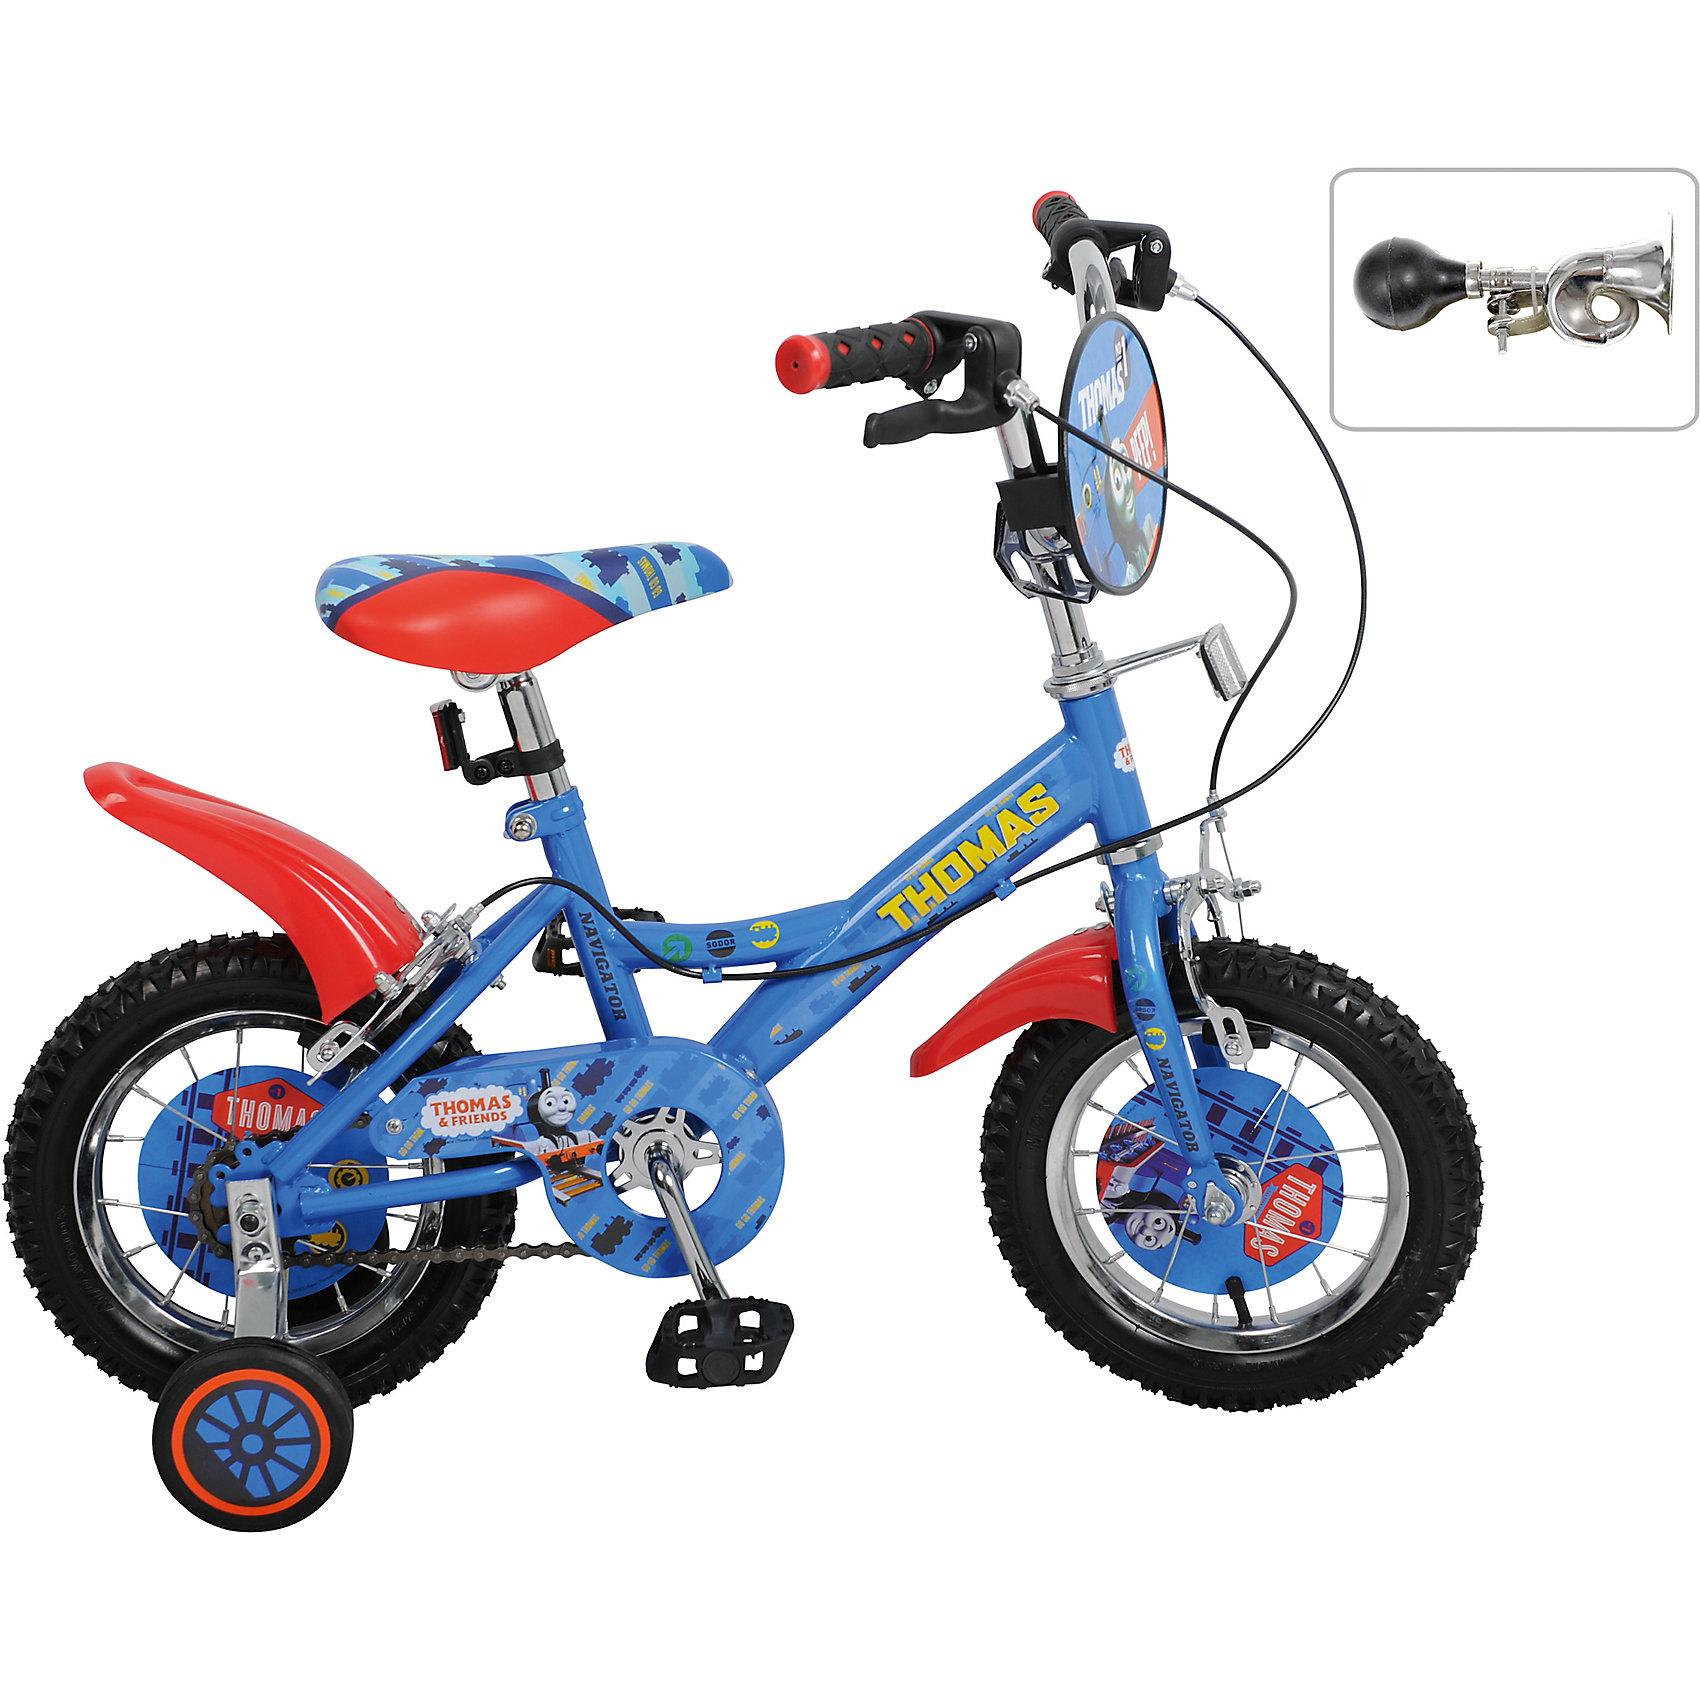 Велосипед Navigator, 12 дюймов, Томас и его друзьяВелосипеды детские<br>Детский велосипед с ярким дизайном и популярной лицензией Томас и его друзья. Широкие страховочные колёса, односоставной шатун, вставки в колесах, пластиковые крылья, щиток на руле, клаксон, передний и задний ручной тормоз.<br><br>Ширина мм: 720<br>Глубина мм: 330<br>Высота мм: 170<br>Вес г: 8900<br>Возраст от месяцев: 36<br>Возраст до месяцев: 84<br>Пол: Мужской<br>Возраст: Детский<br>SKU: 4786129